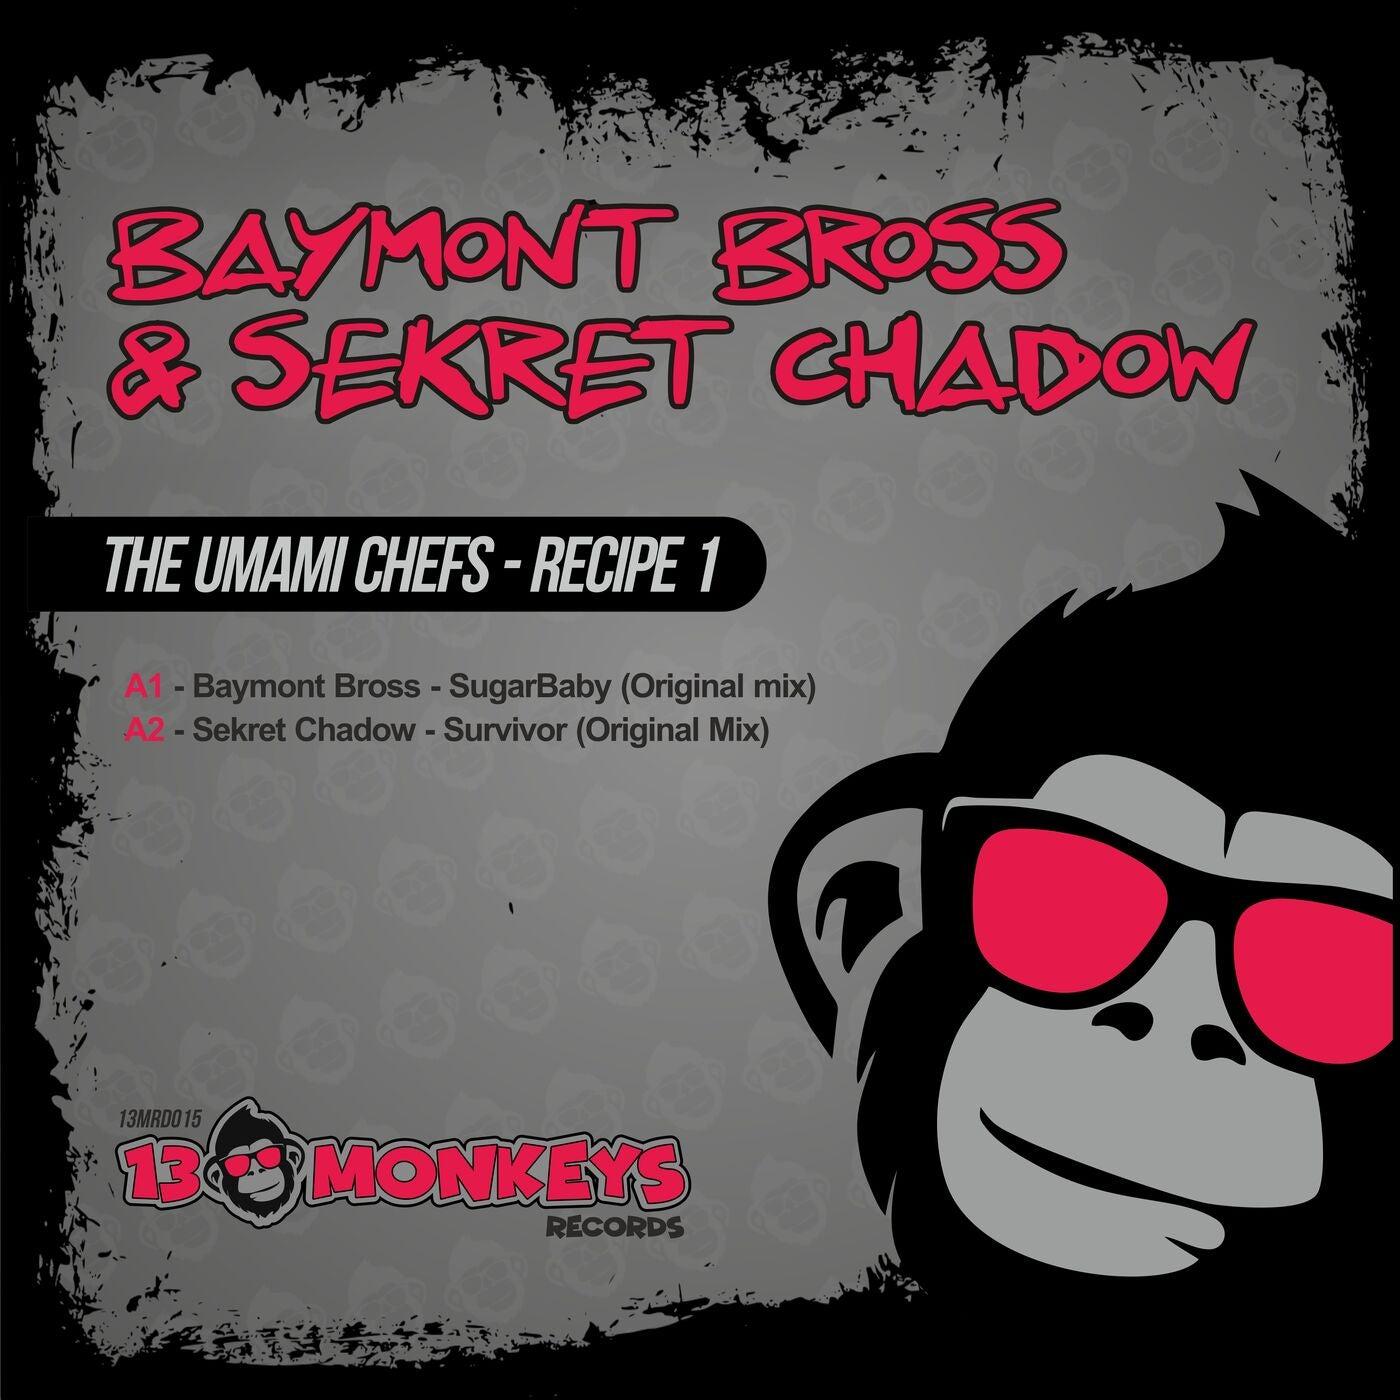 The Umami Chefs - Recipe 1